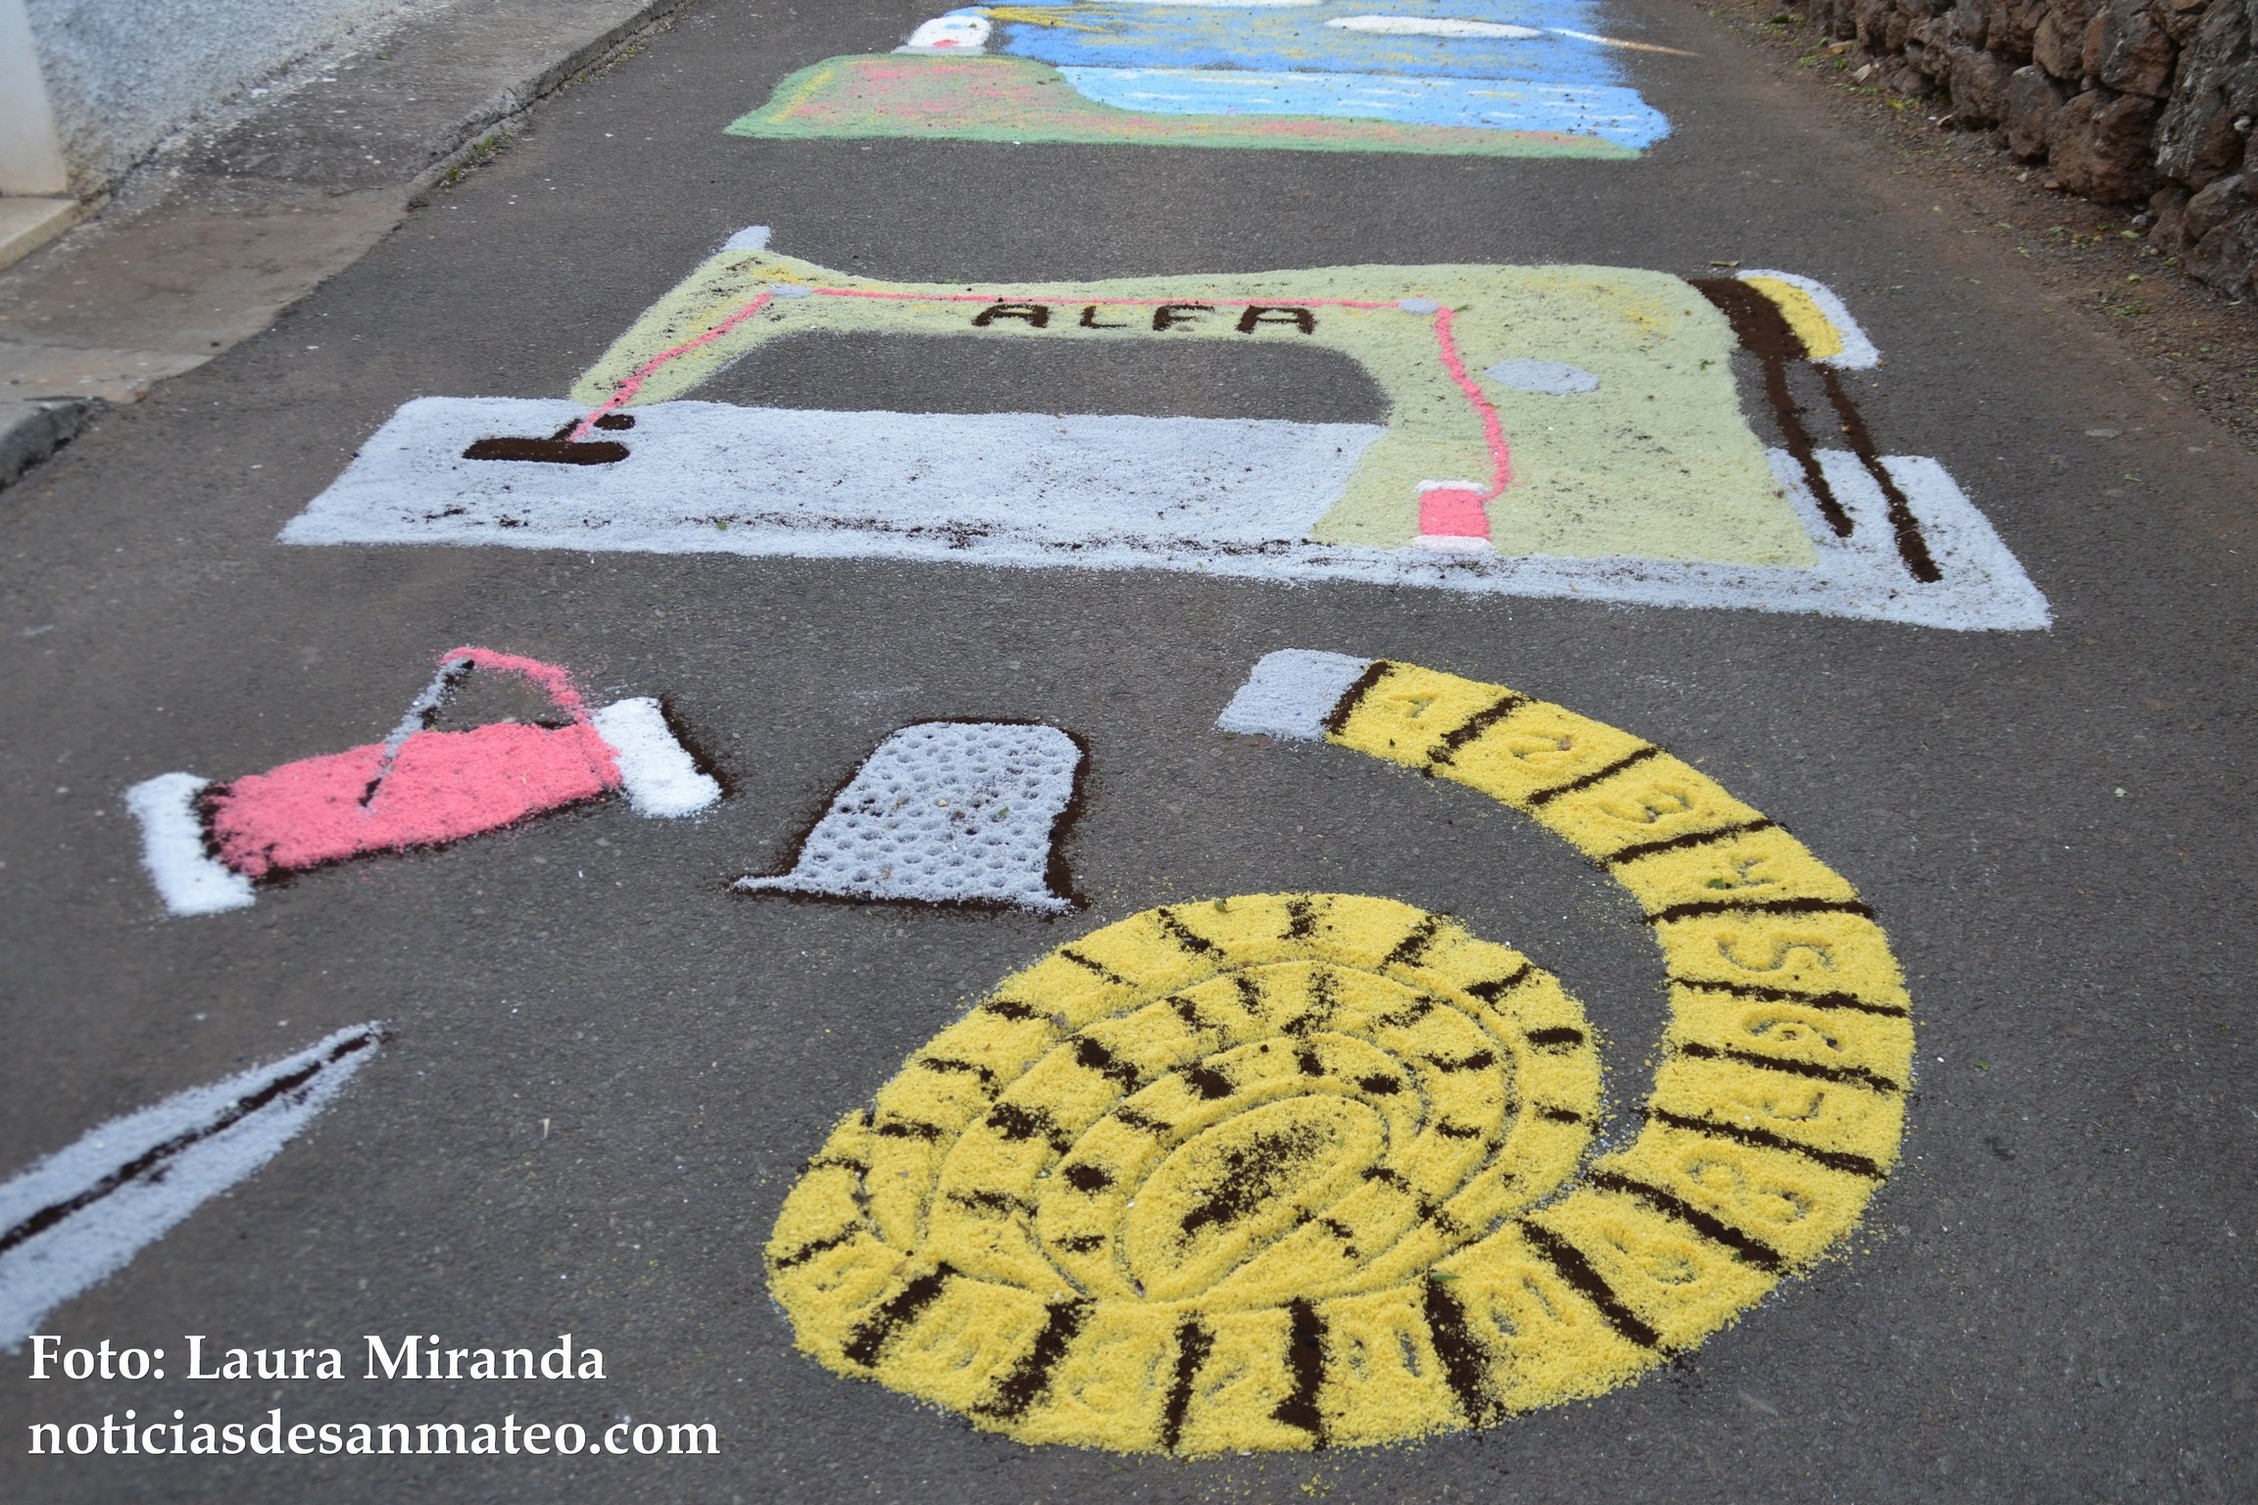 Alfombras Fiestas de Fatima calle La Palma 8 de mayo de 2016 Foto Laura Miranda 2